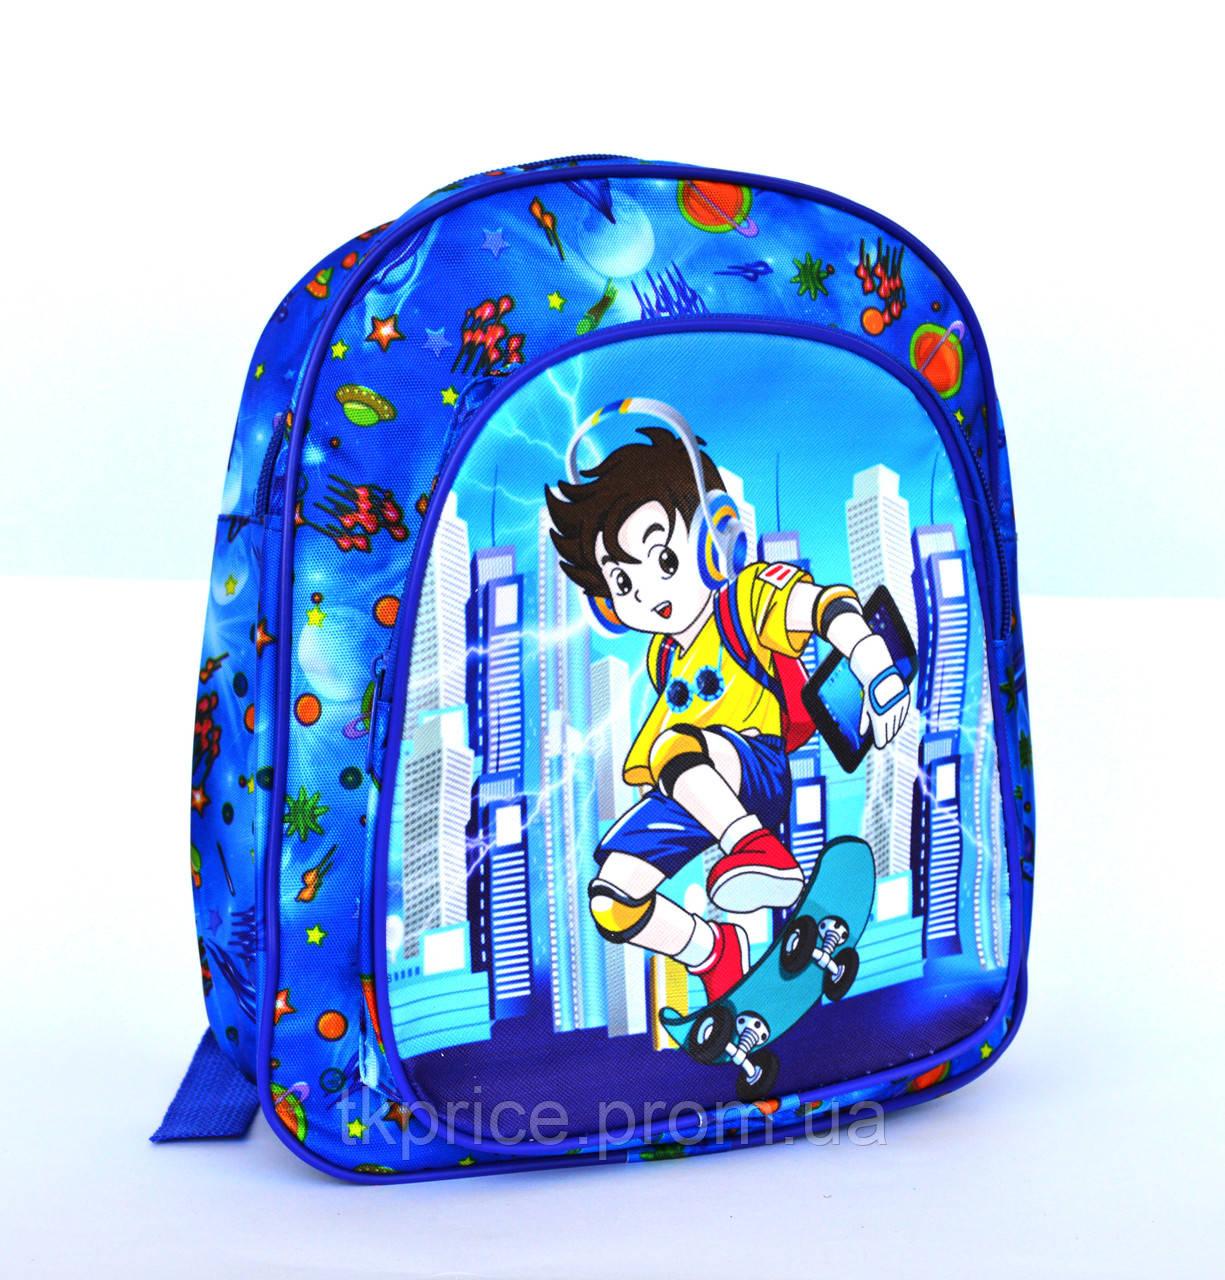 Детский рюкзак для мальчика 141 голубой